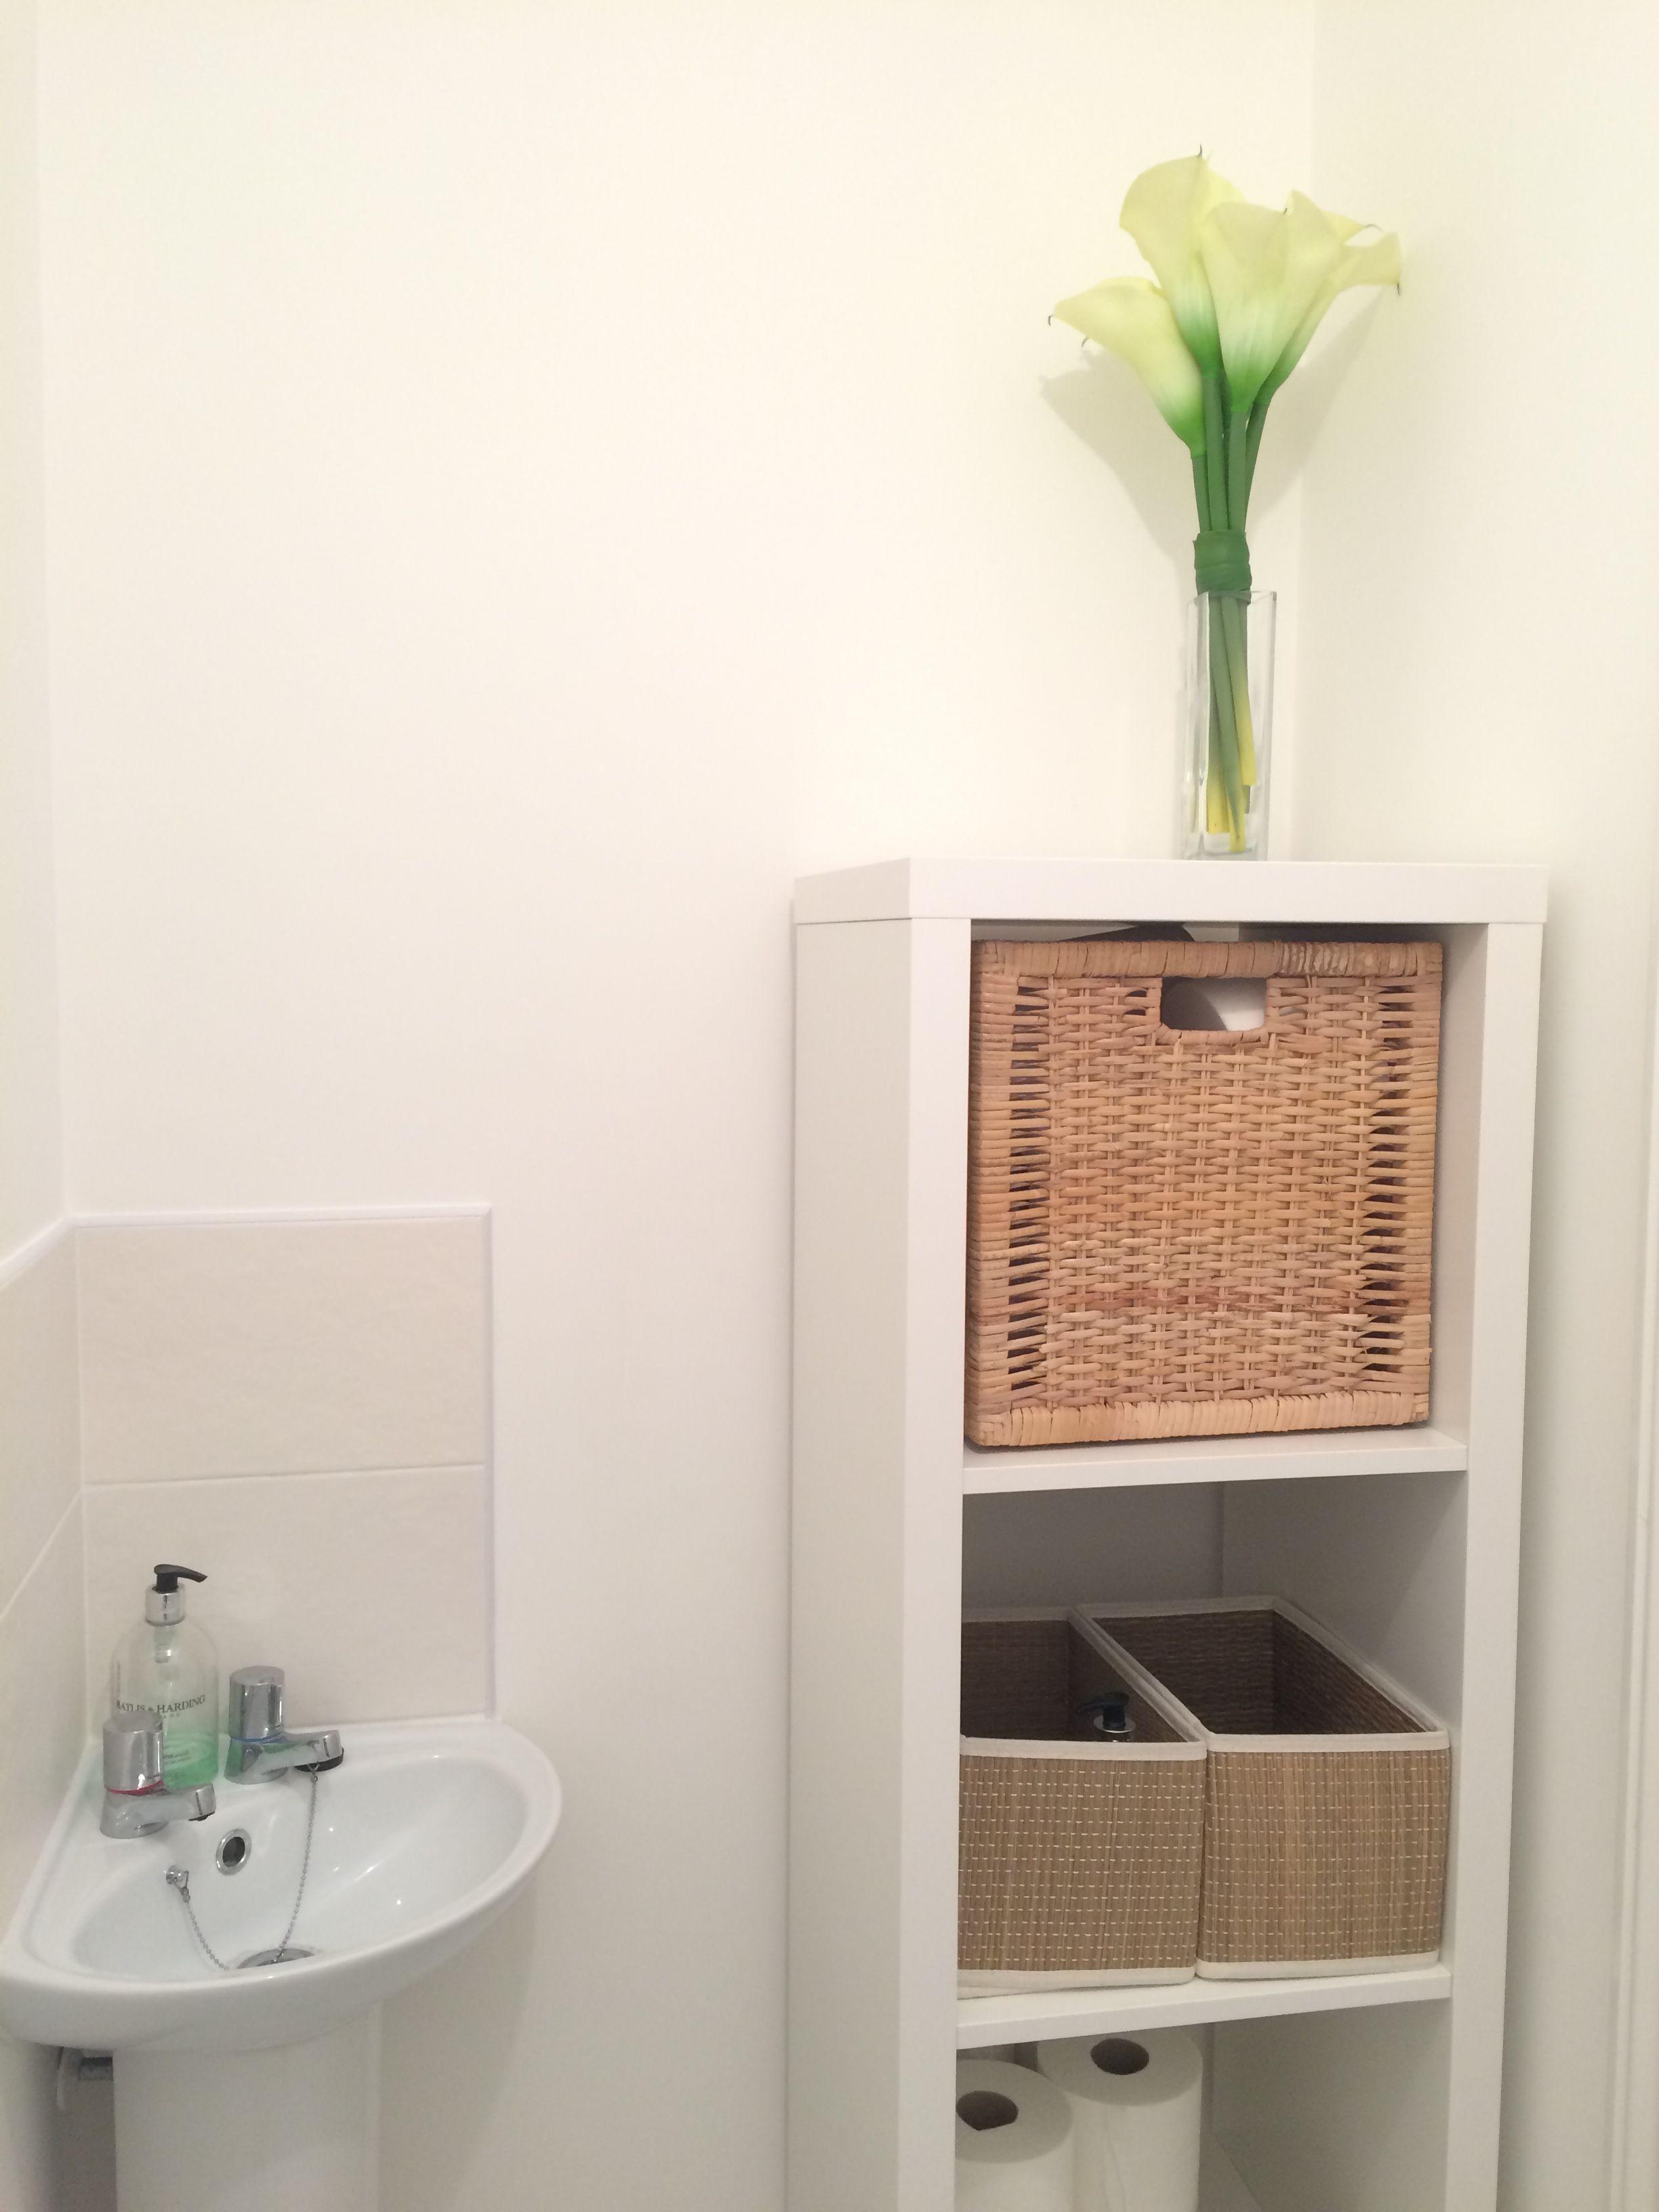 Ikea Kallax Downstairs Bathroom Badezimmer Im Erdgeschoss Ikea Bad Lagerung Ikea Badzubehor